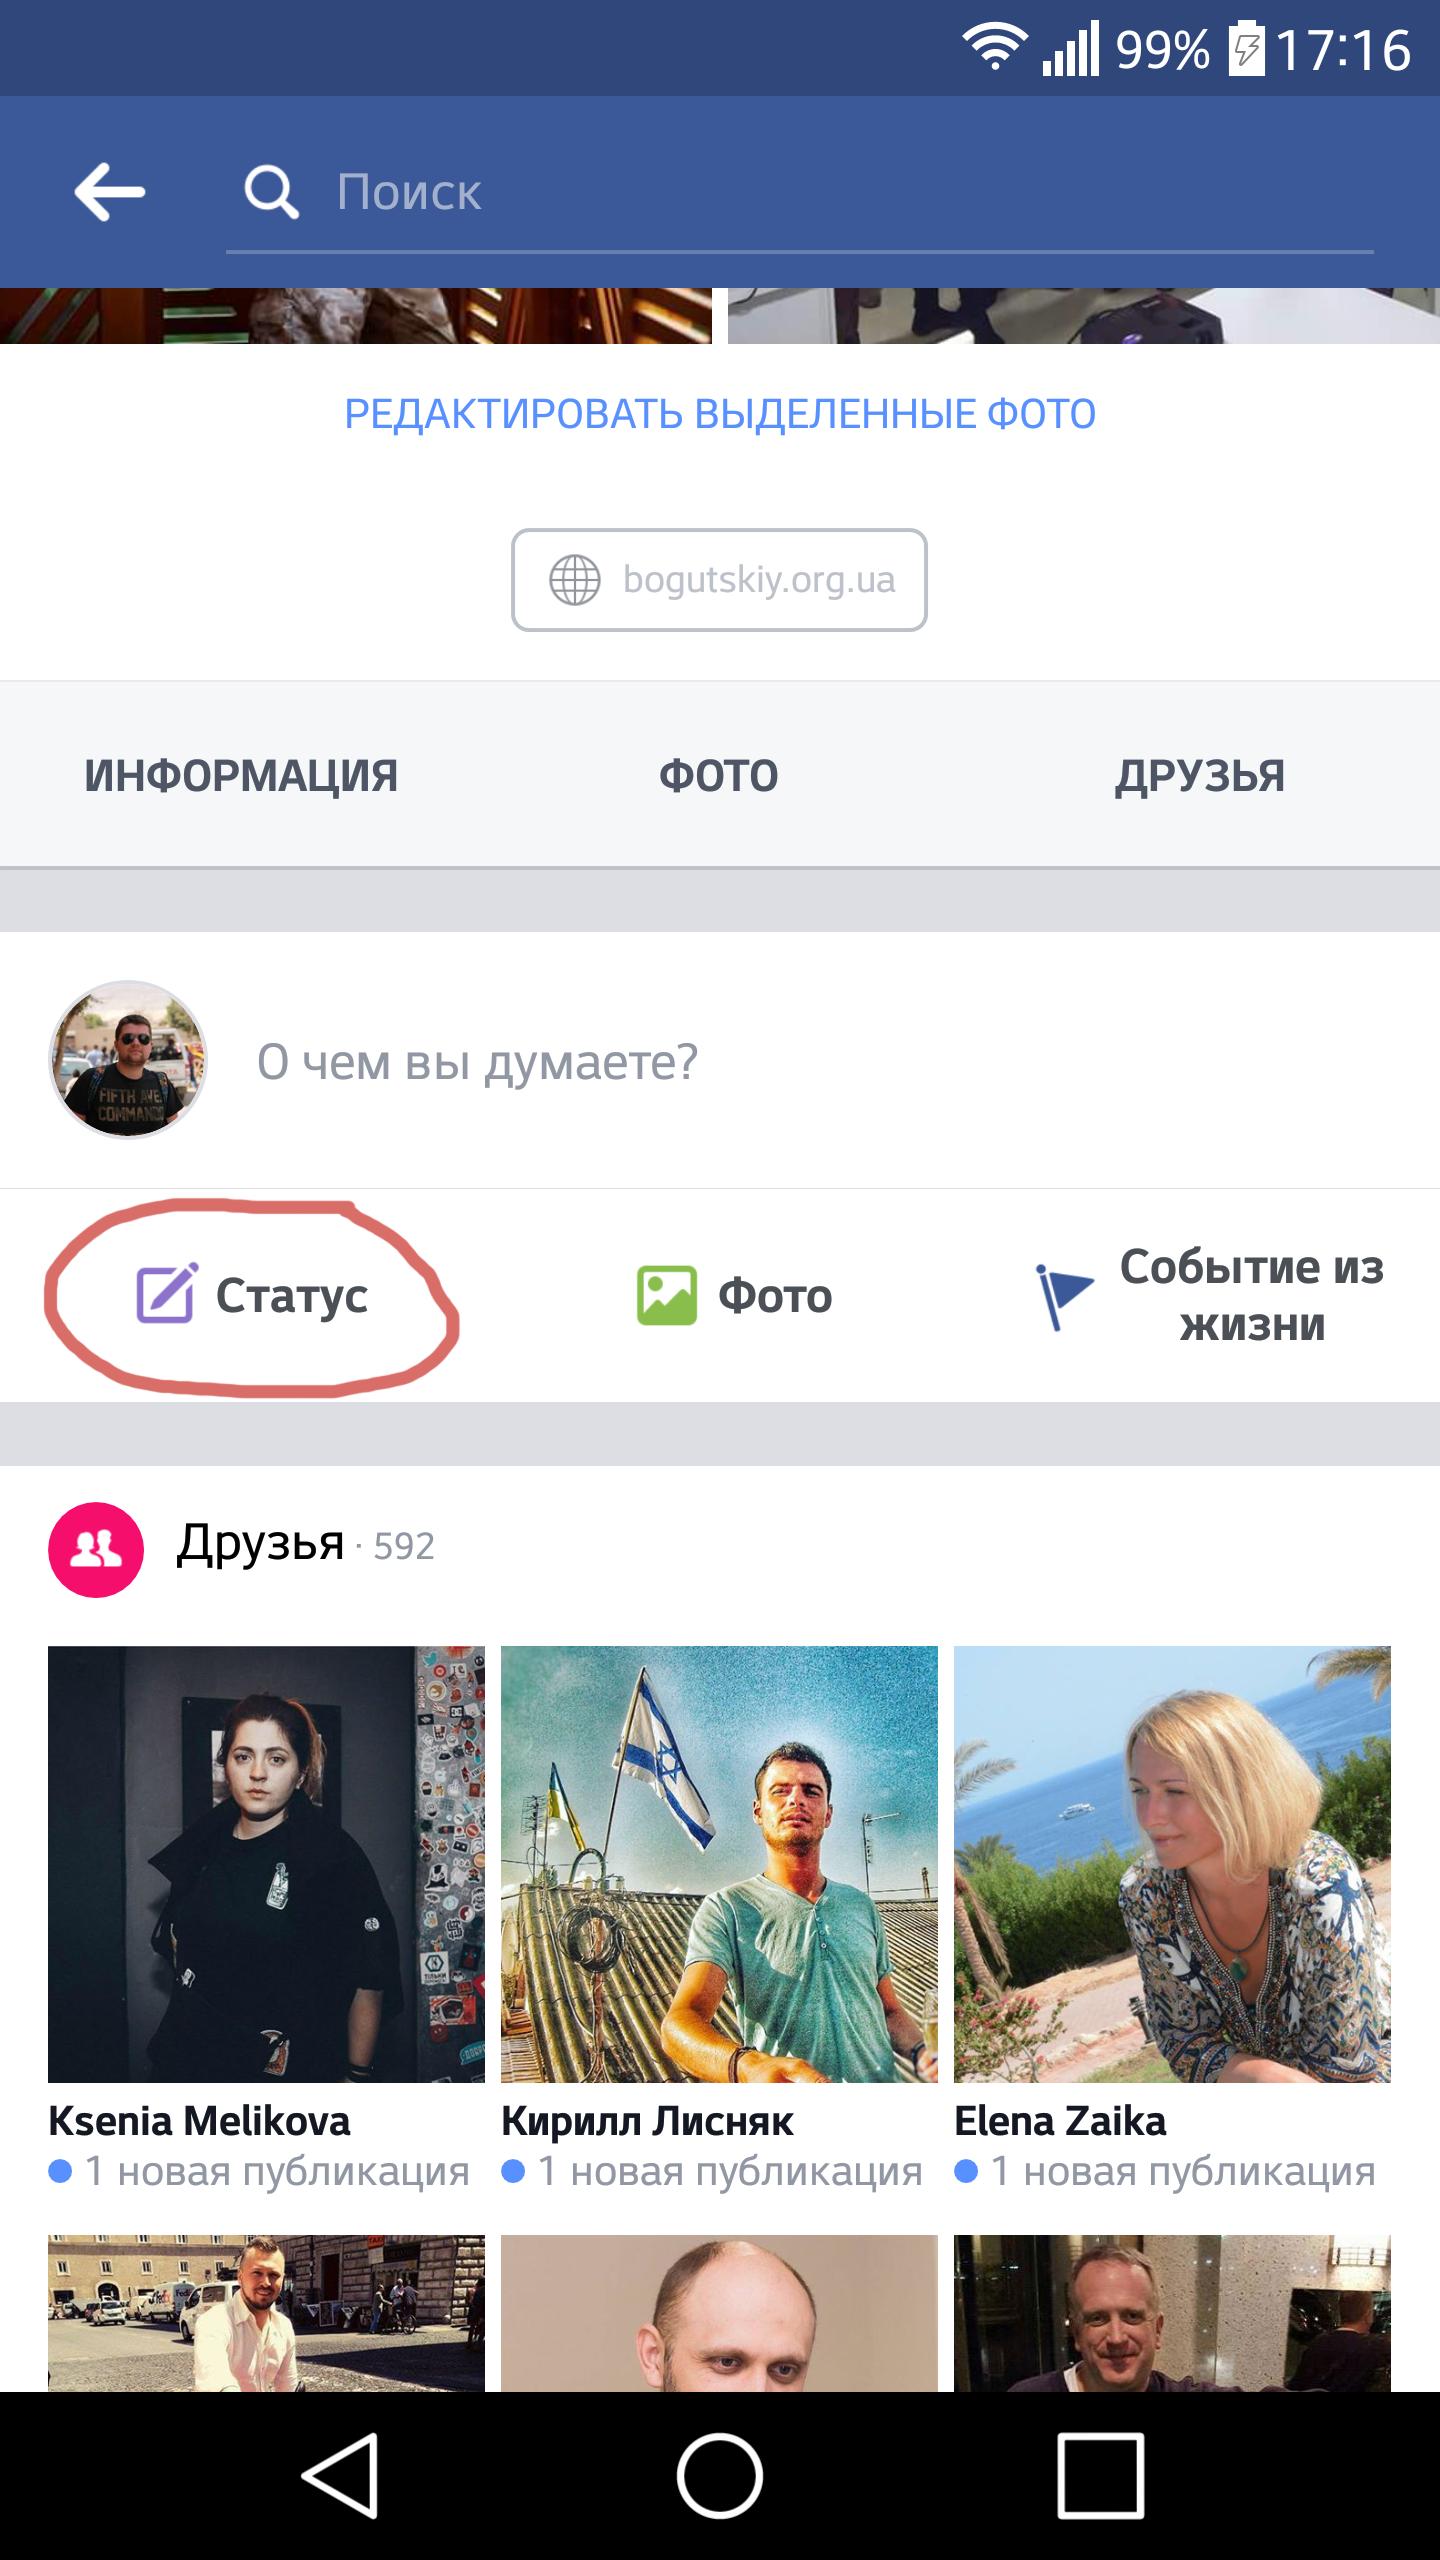 запуск прямой трансляции через приложение фейсбук